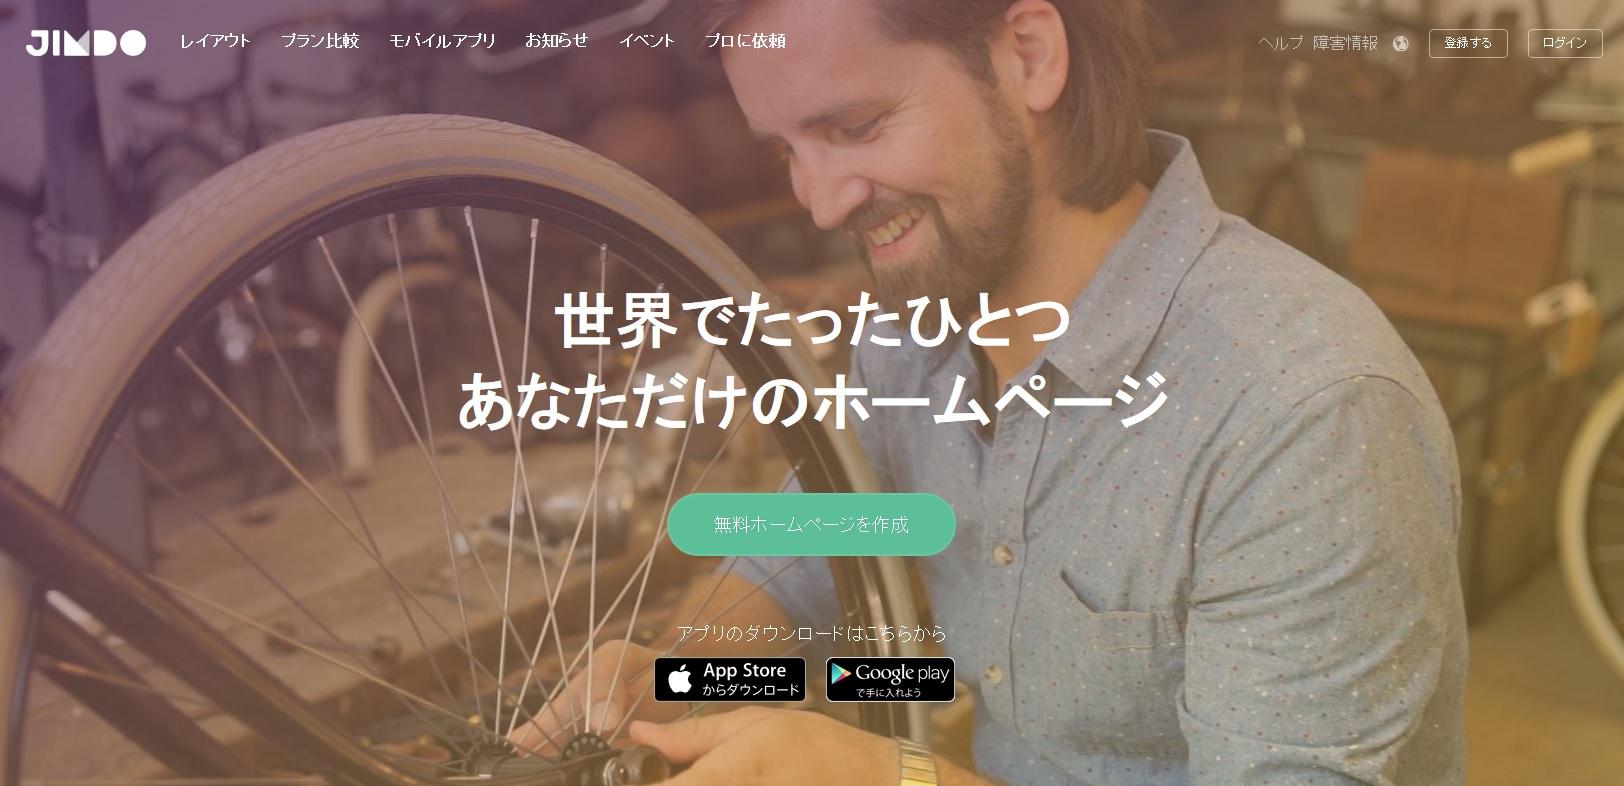 無料ホームページ作成サービス Jimdo